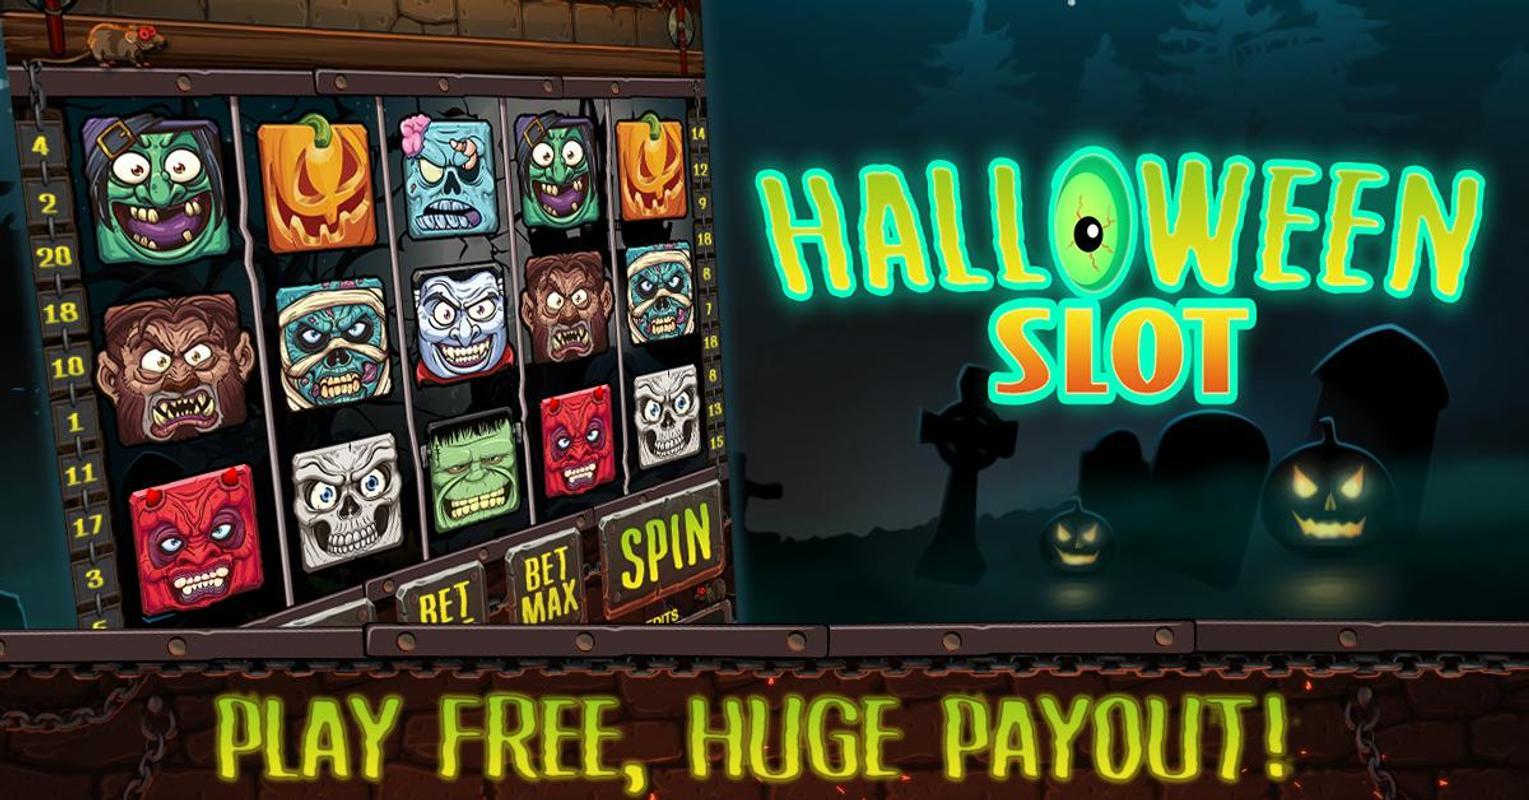 Halloween Slot Games